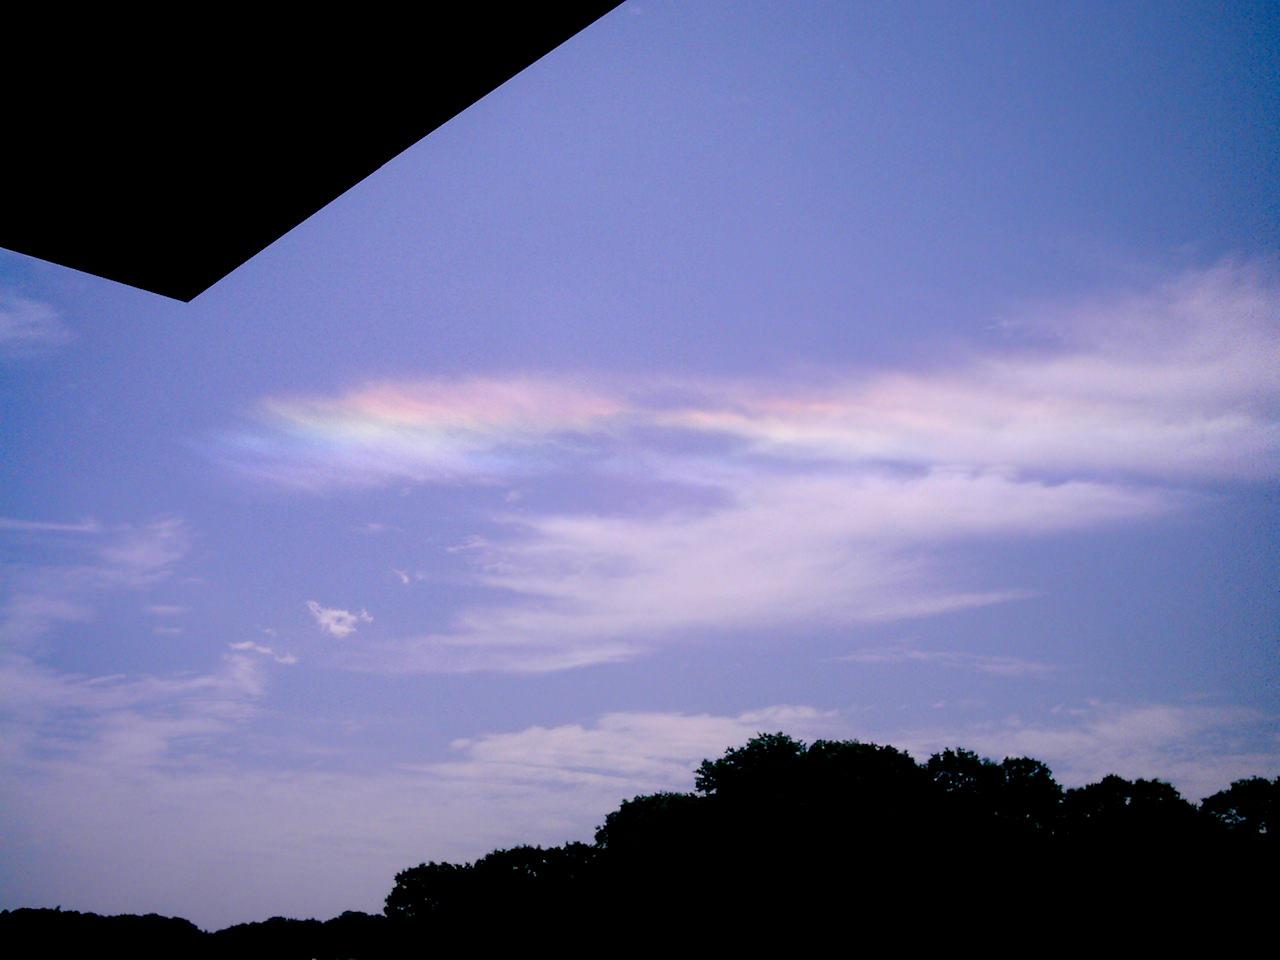 Polaroid-a520_sky20140807-6.jpg